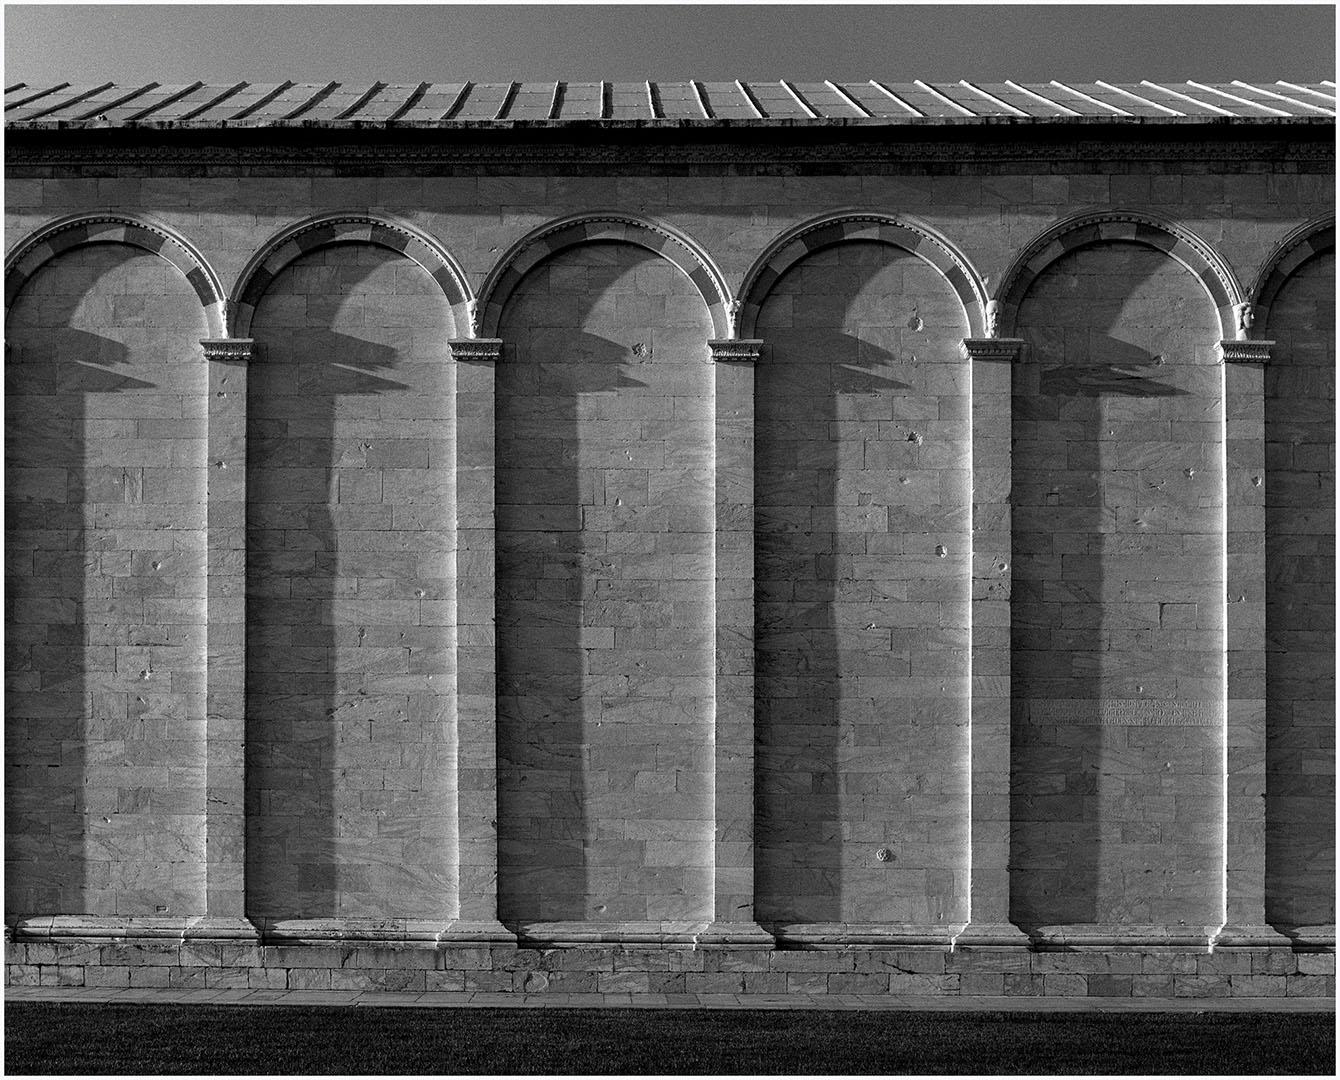 Pisa-Piazza_dei_Miracoli_060_U4.4